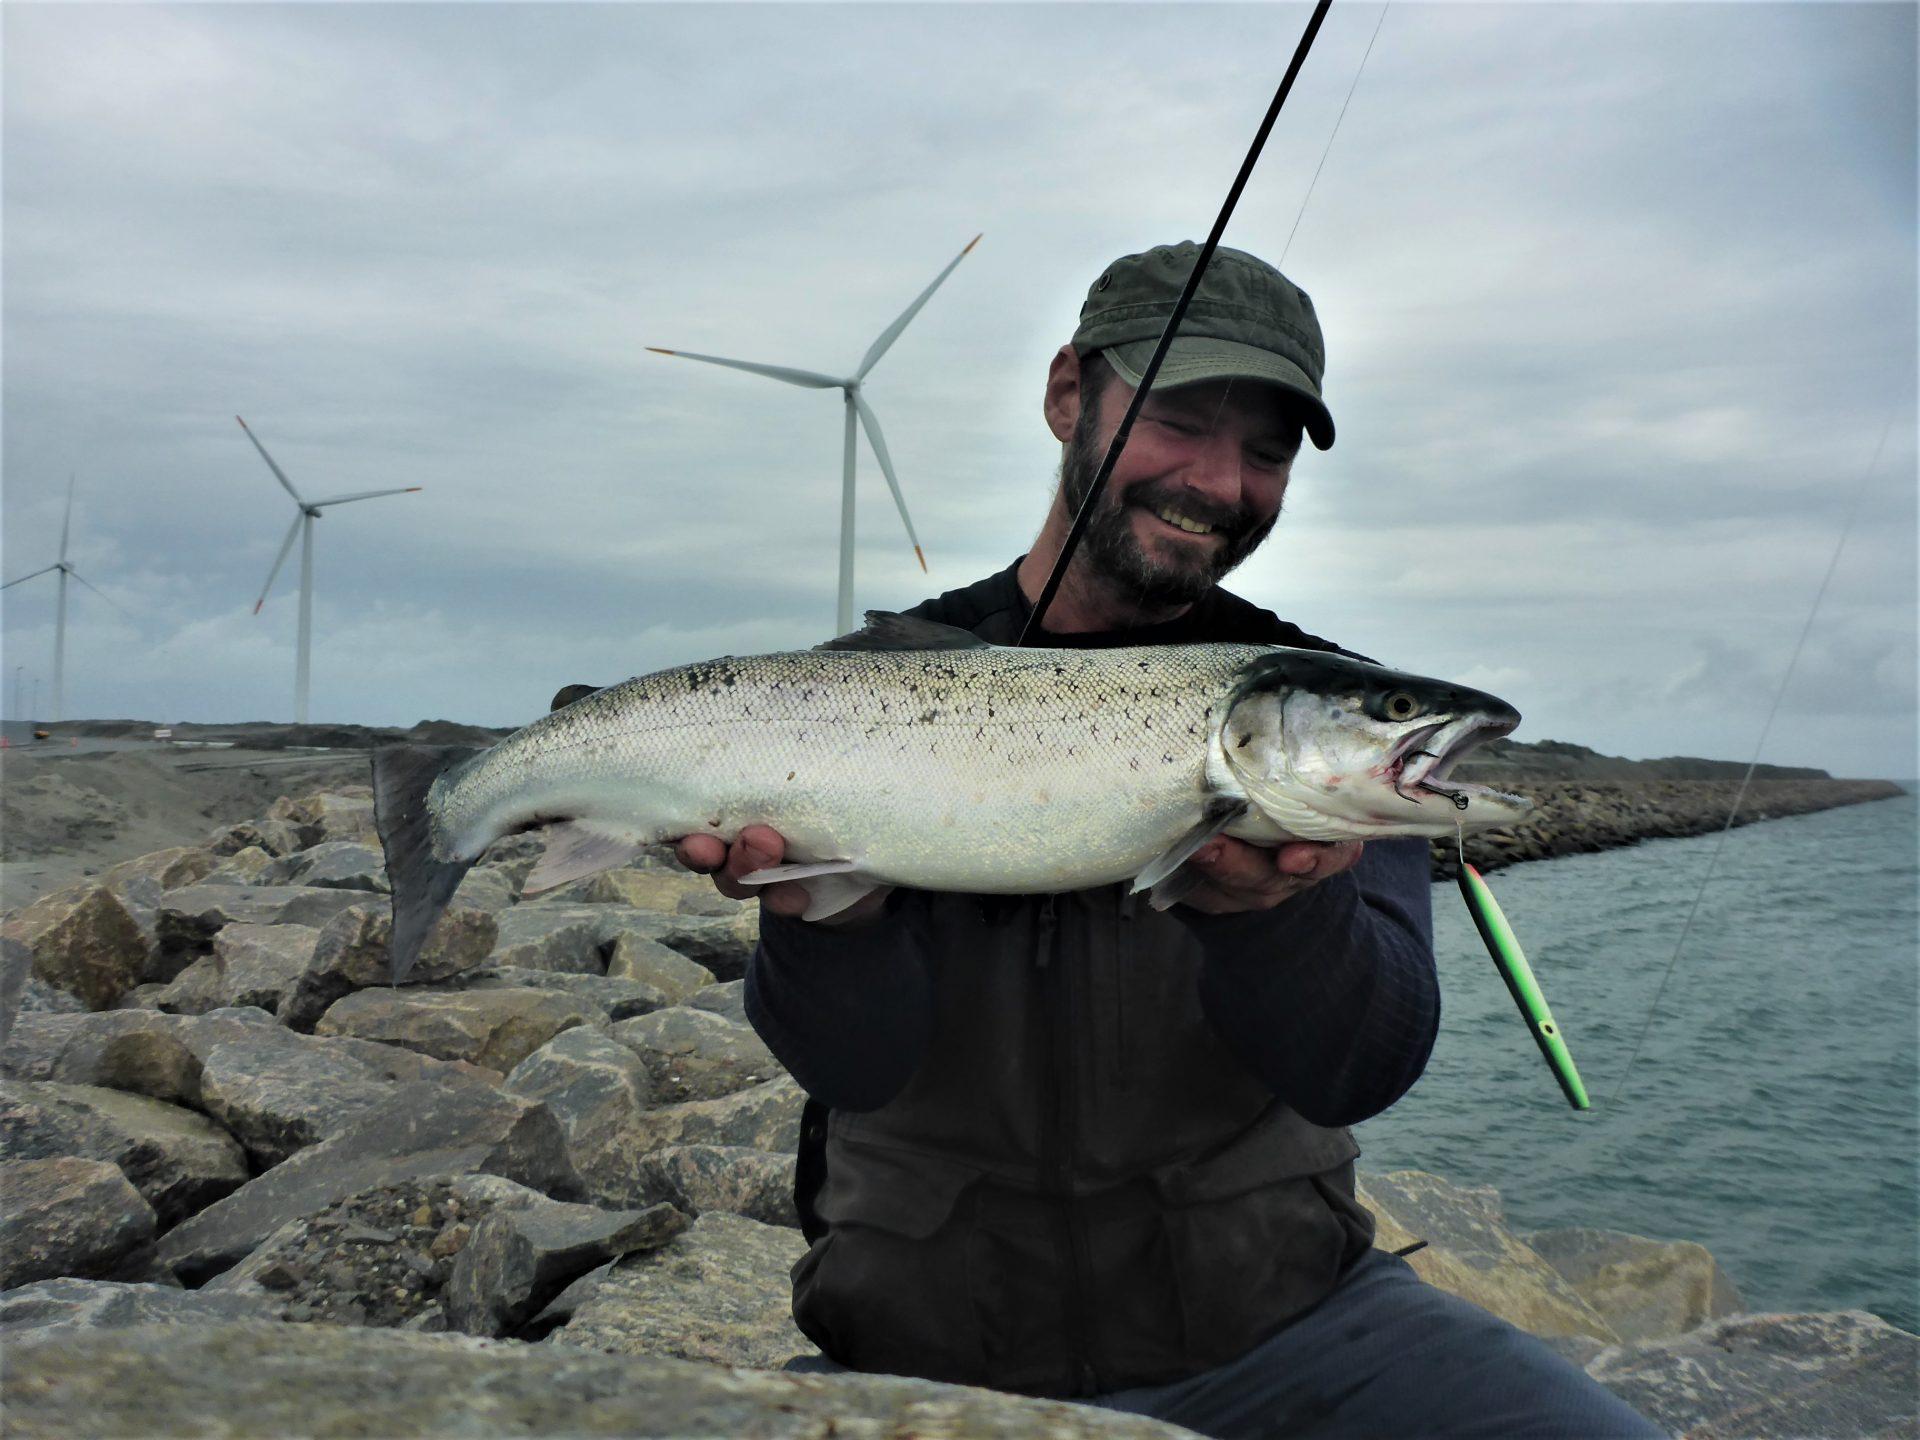 Havne i Danmark til fangst af havørreder.